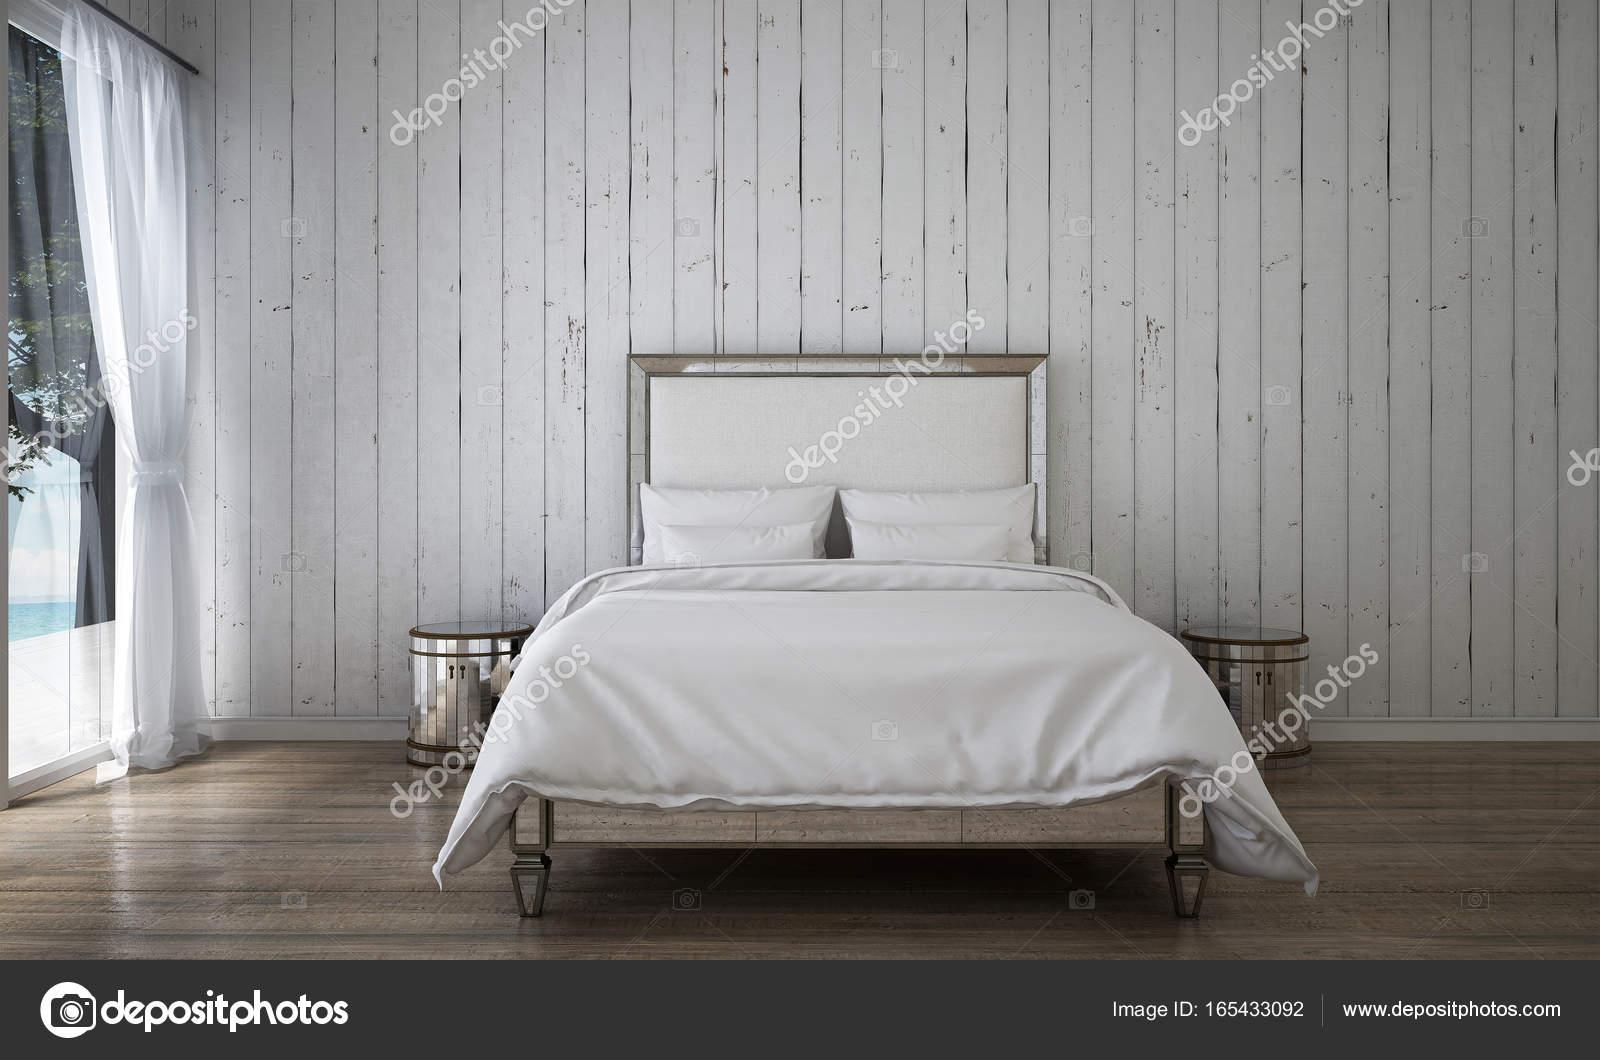 Fantastisch Weiße Luxus Schlafzimmer Innenarchitektur Und Holz Wand Hintergrund U2014  Stockfoto